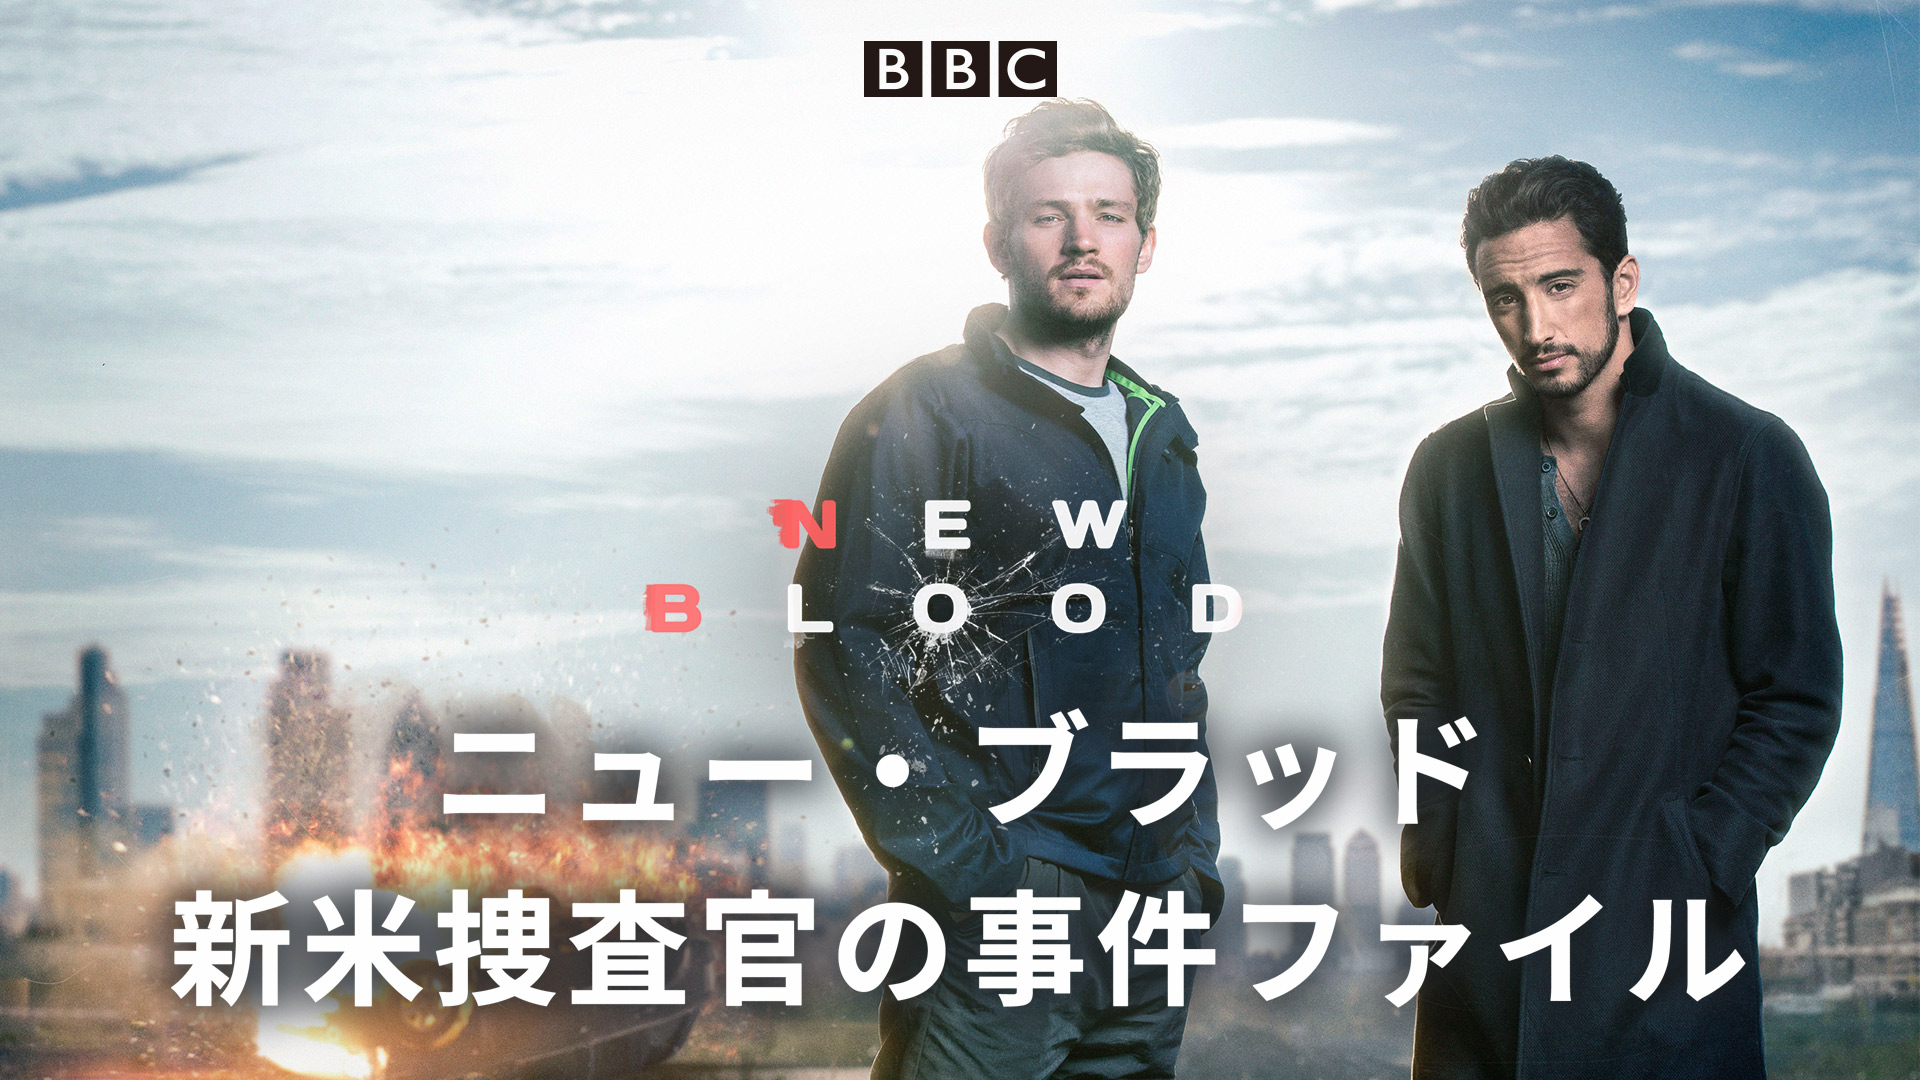 ニュー・ブラッド 新米捜査官の事件ファイル(字幕版)